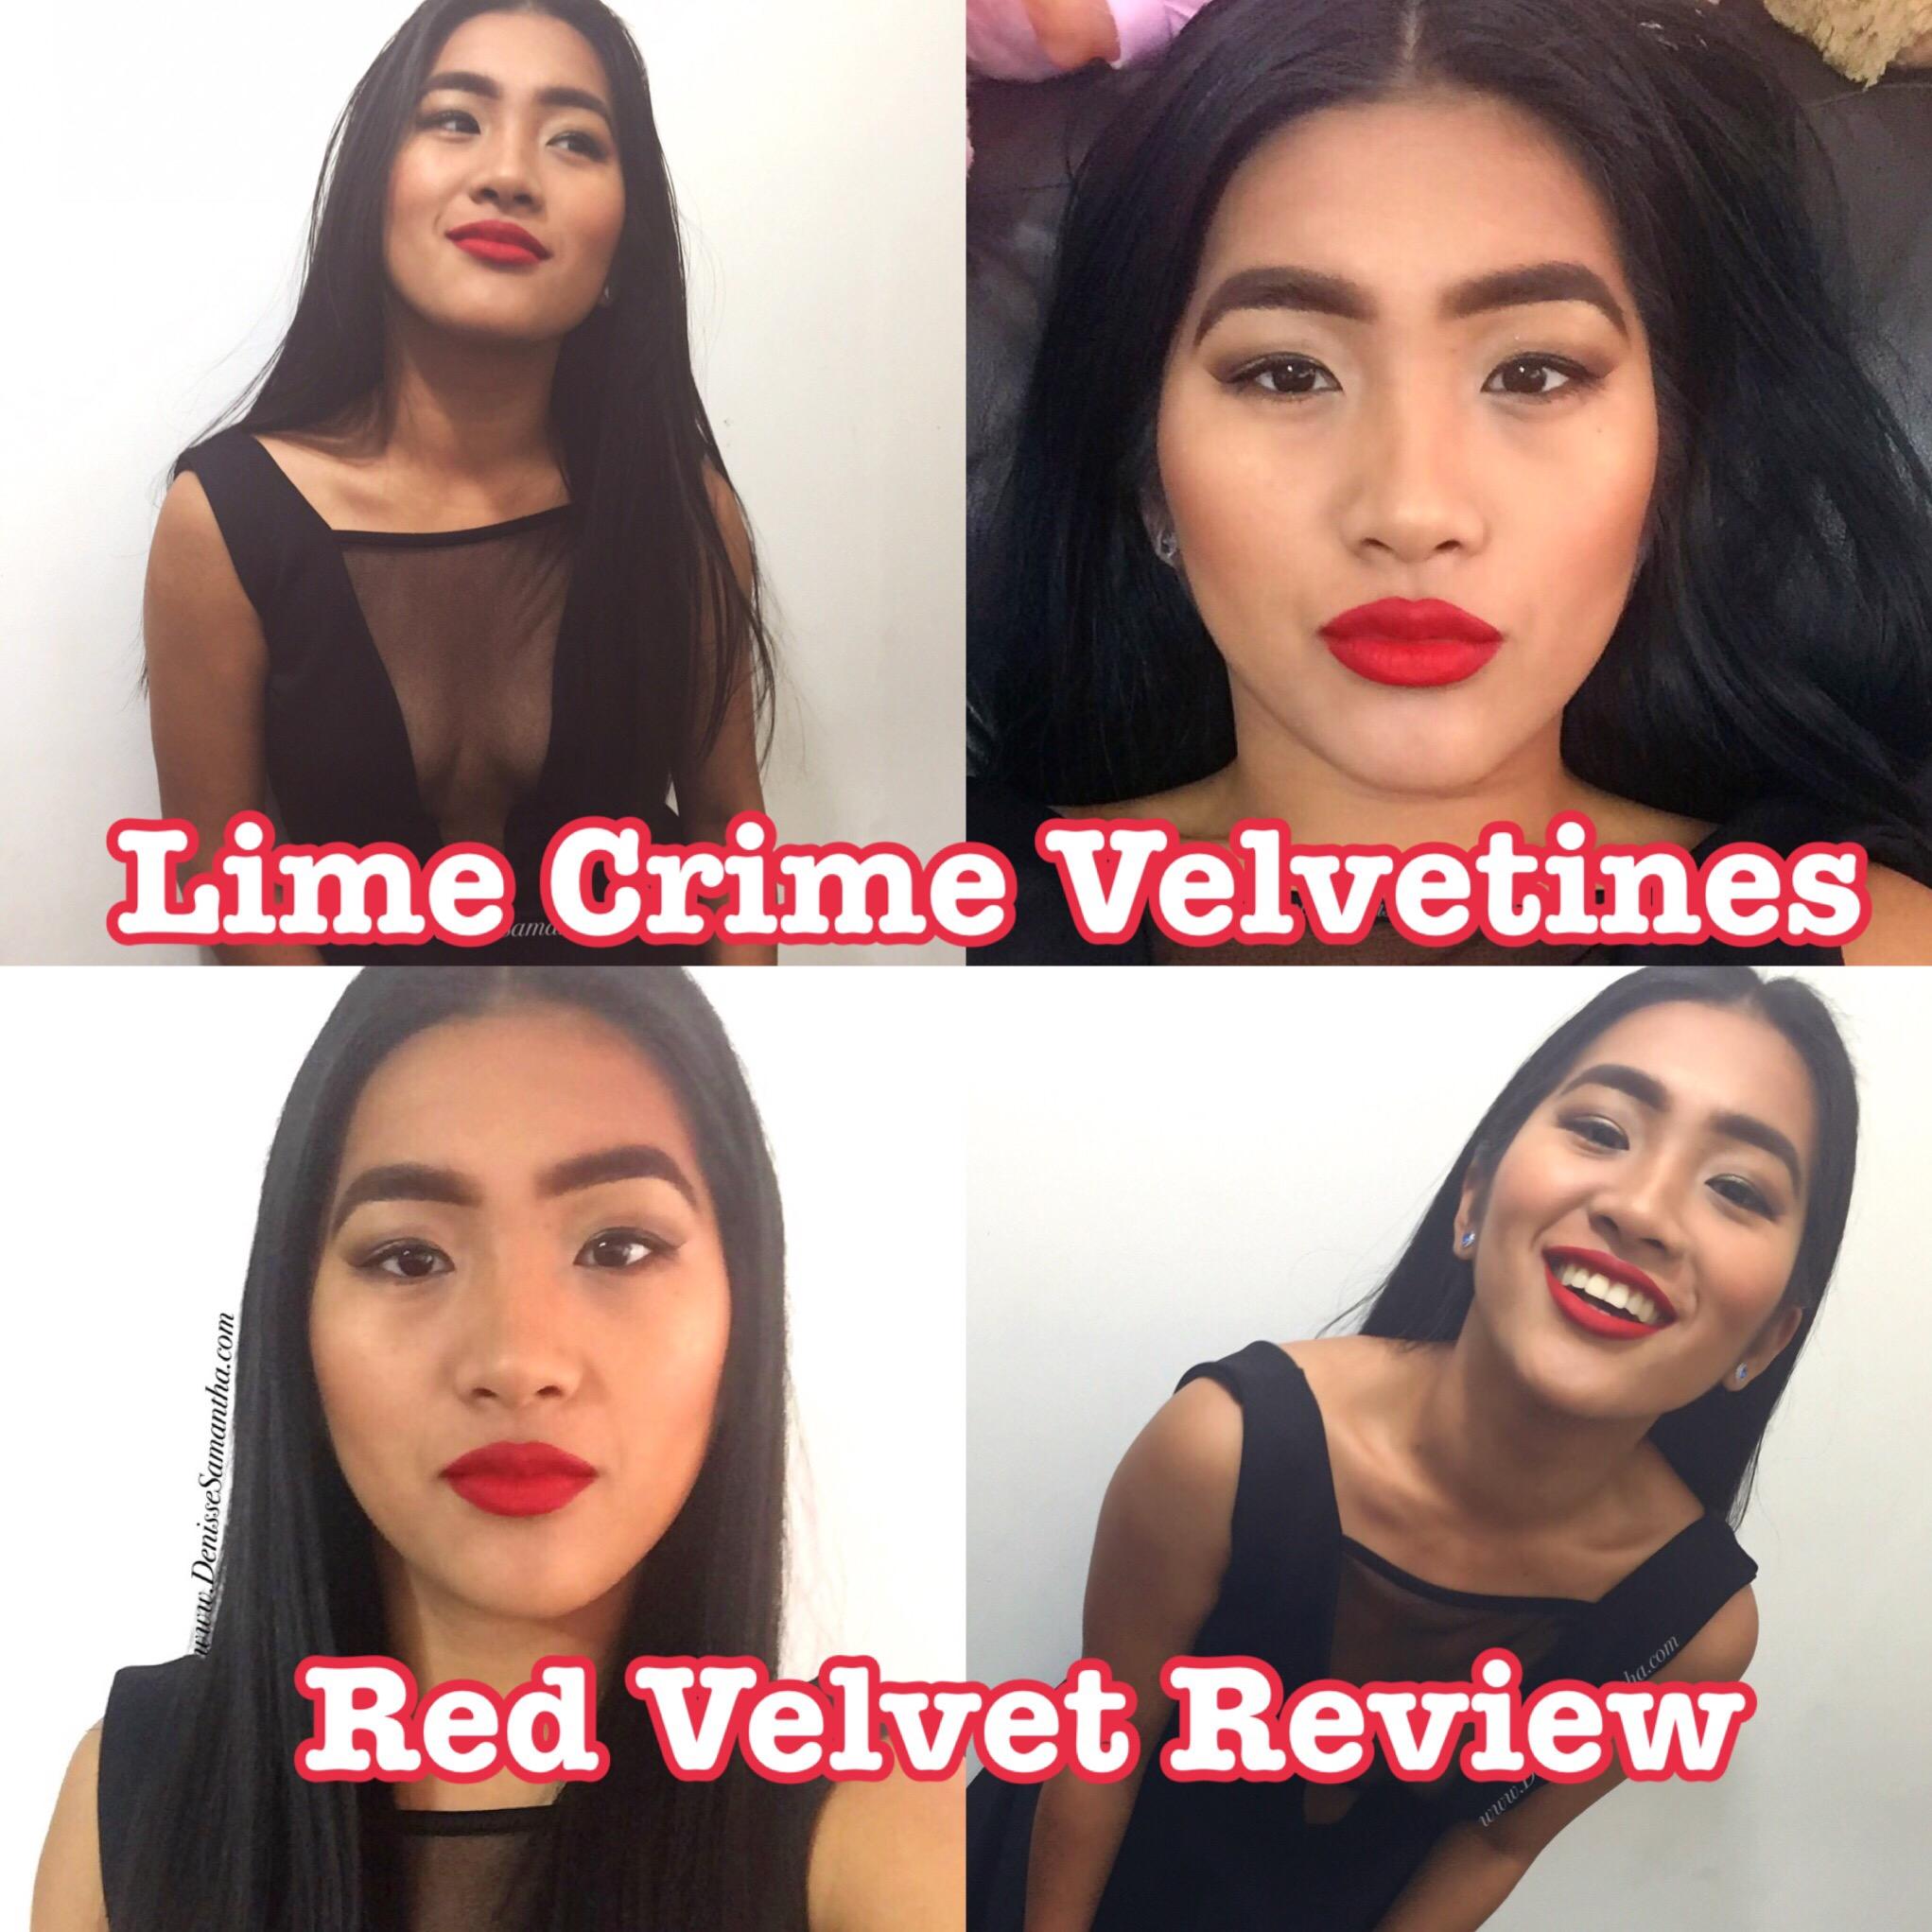 Lime Crime Velvetines in Red Velvet Review